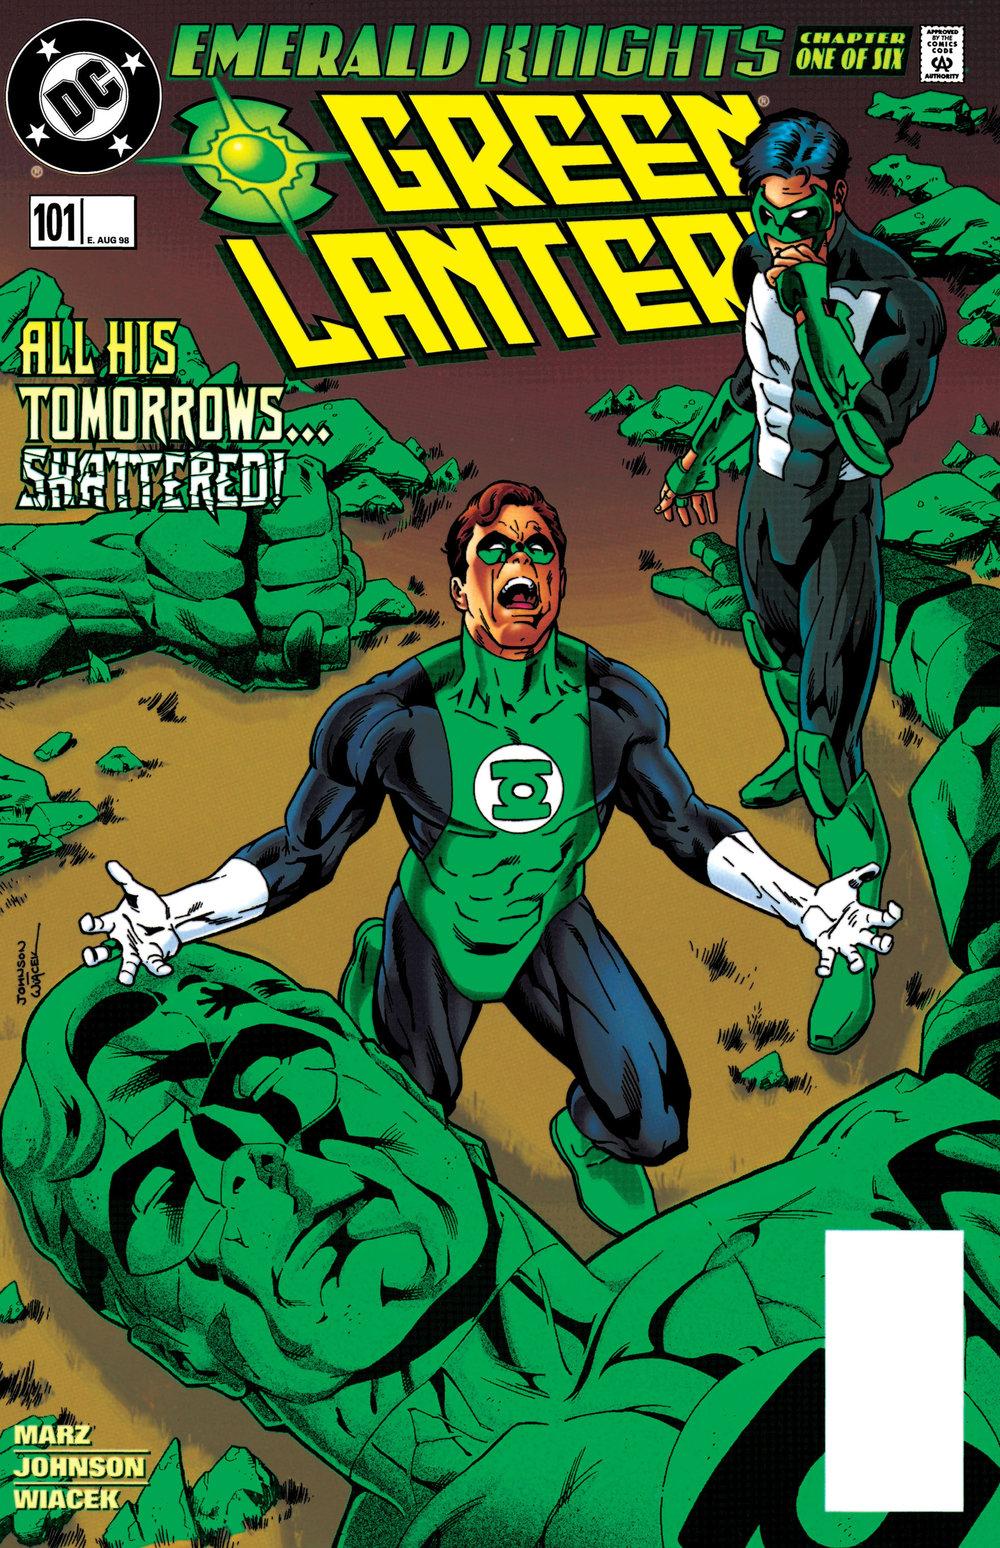 Green Lantern (1990) #101, cover penciled by Jeff Johnson & inked by Bob Wiacek.